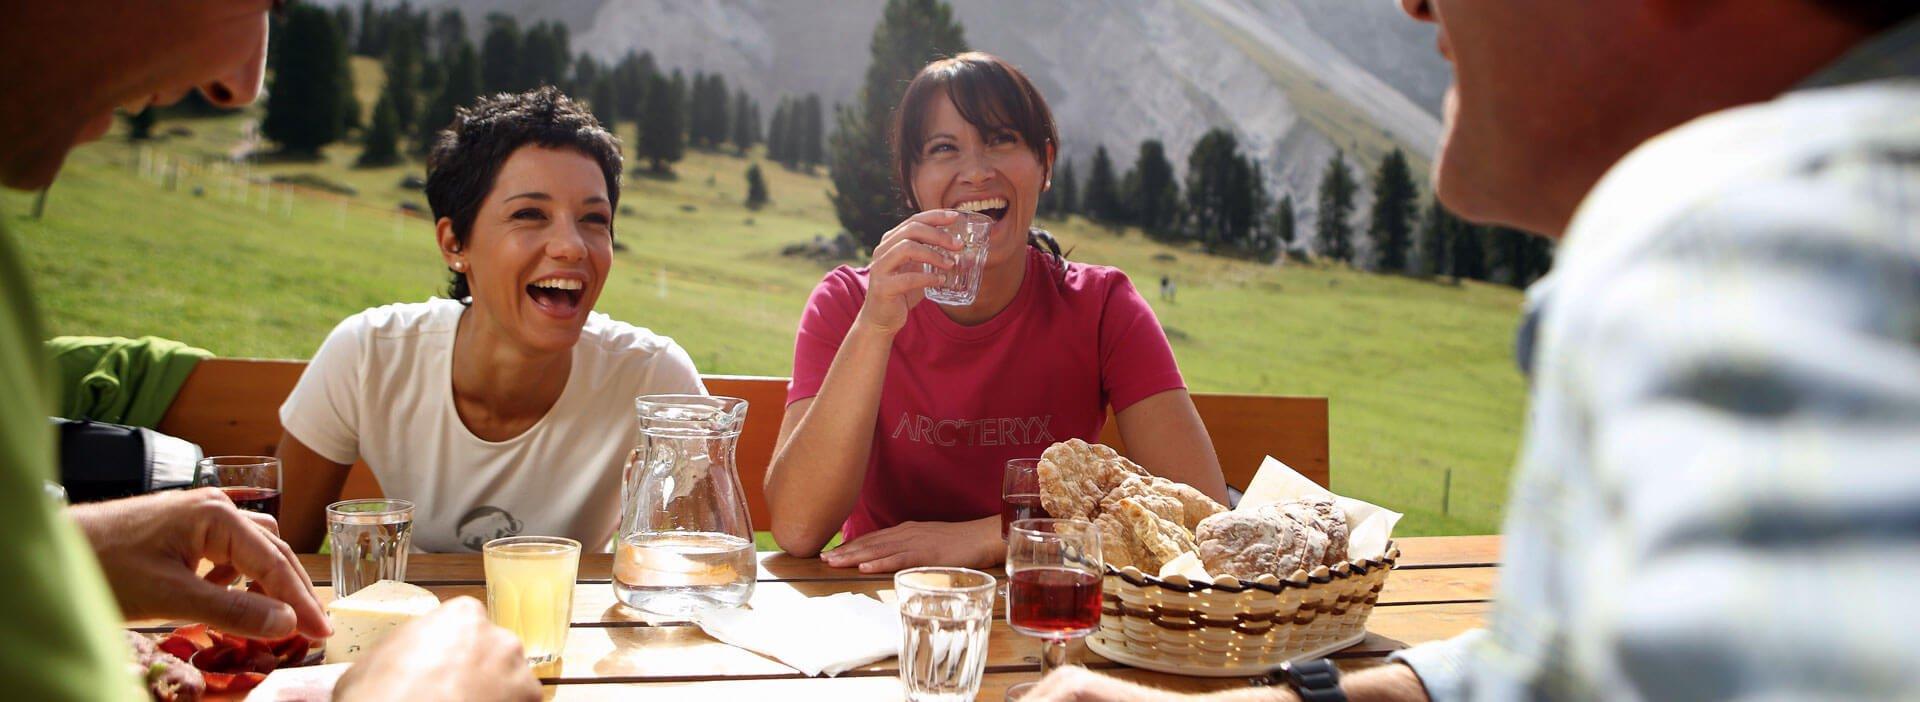 wieshof-schlanders-vinschgau-09